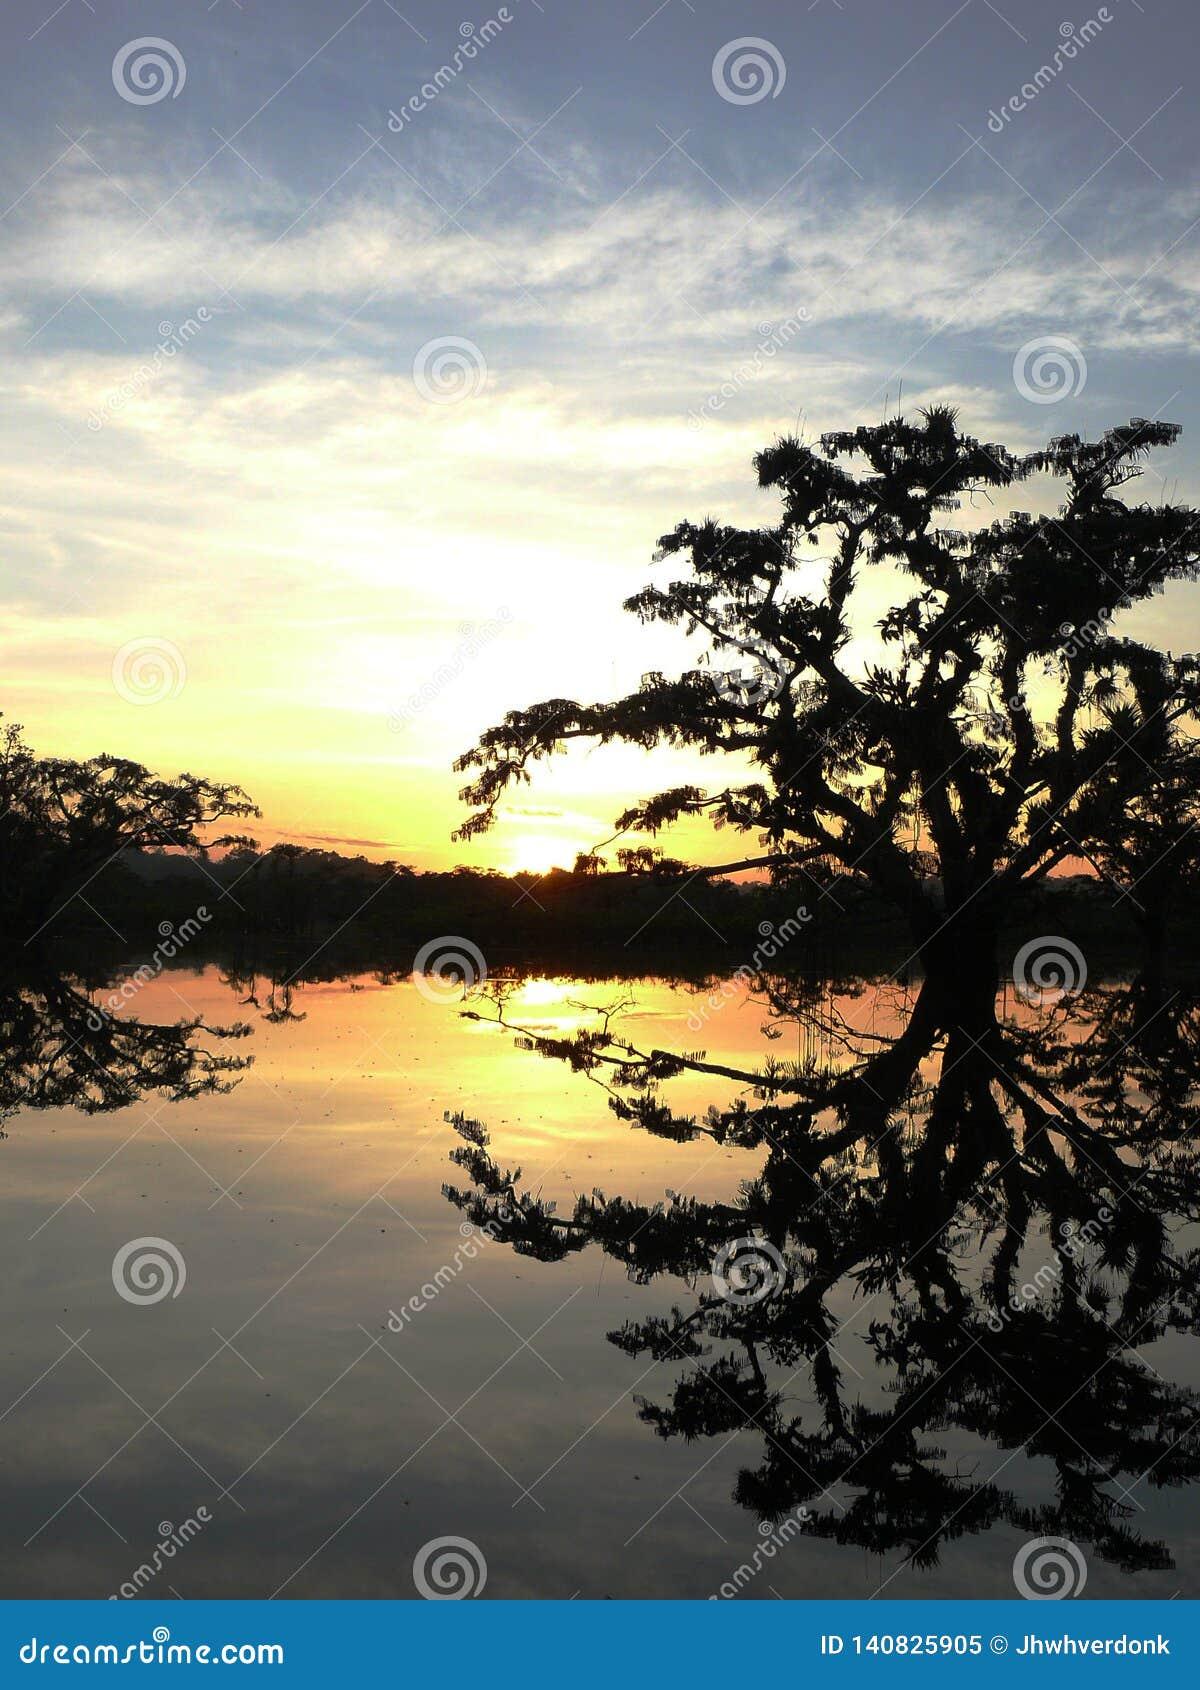 Silhoutten av ett träd över en sjö under solnedgång i turnerar i cuyabenoen, den största nationalparken i ecuadorian amazone